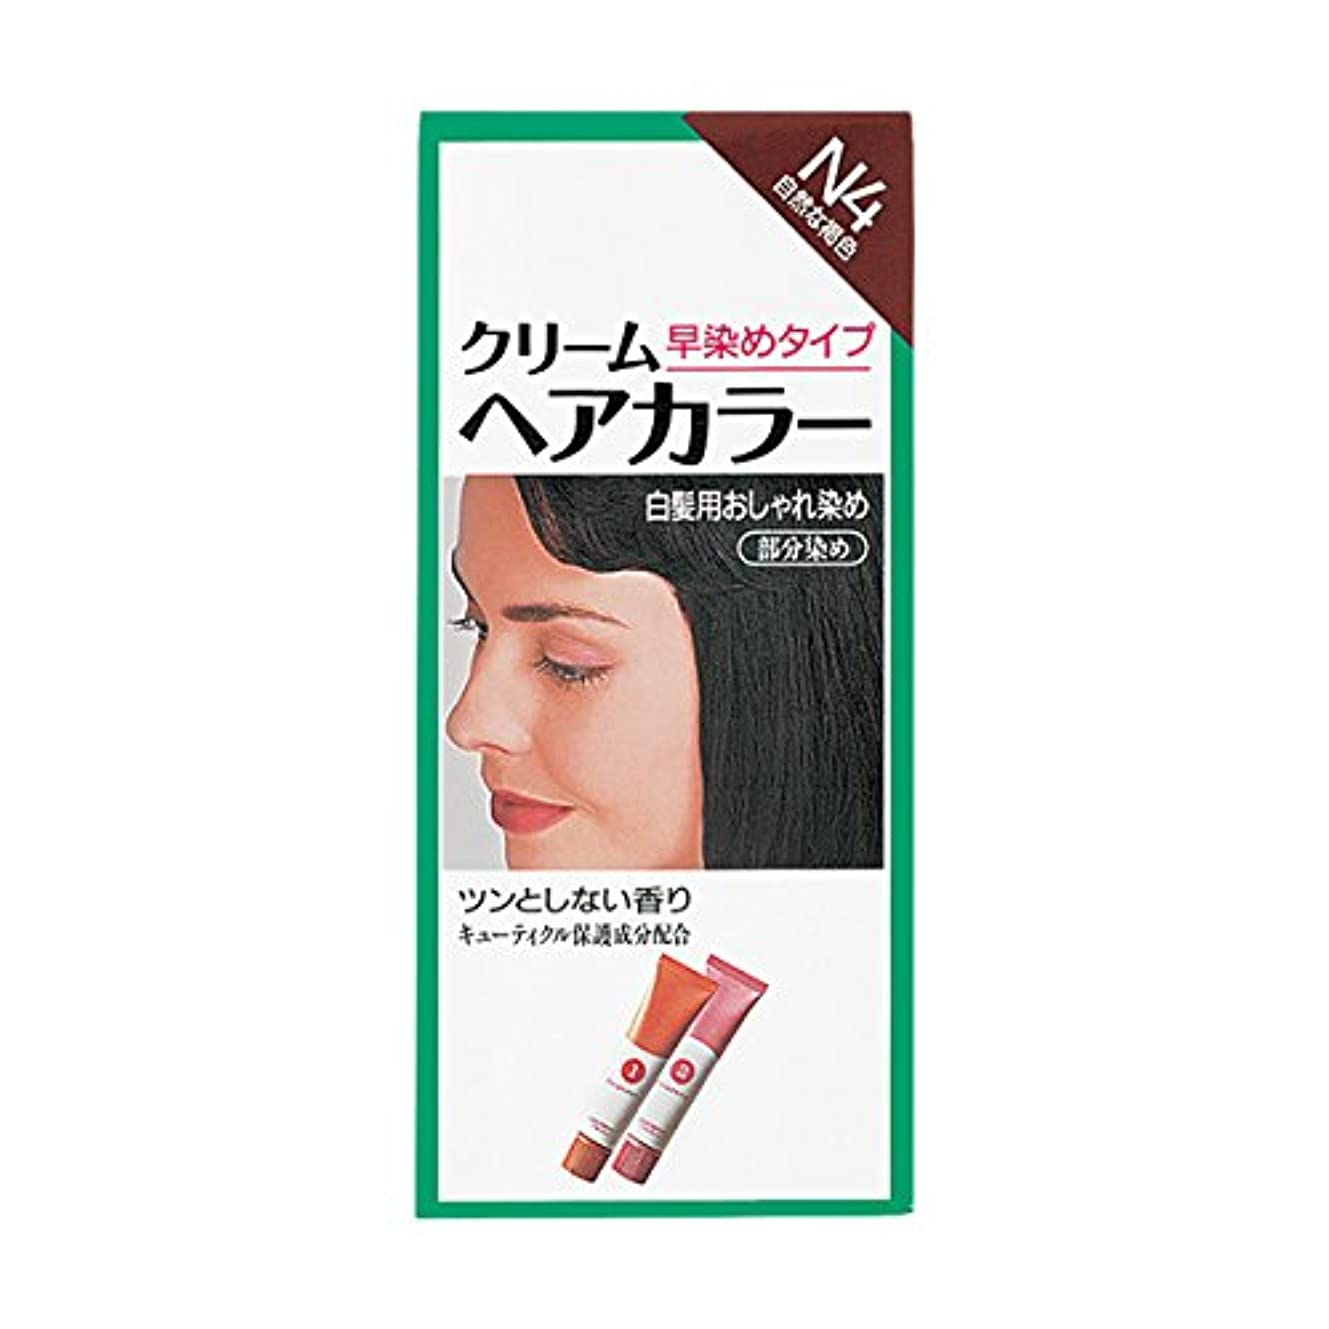 付録きらめき意義ヘアカラー クリームヘアカラーN N4 【医薬部外品】